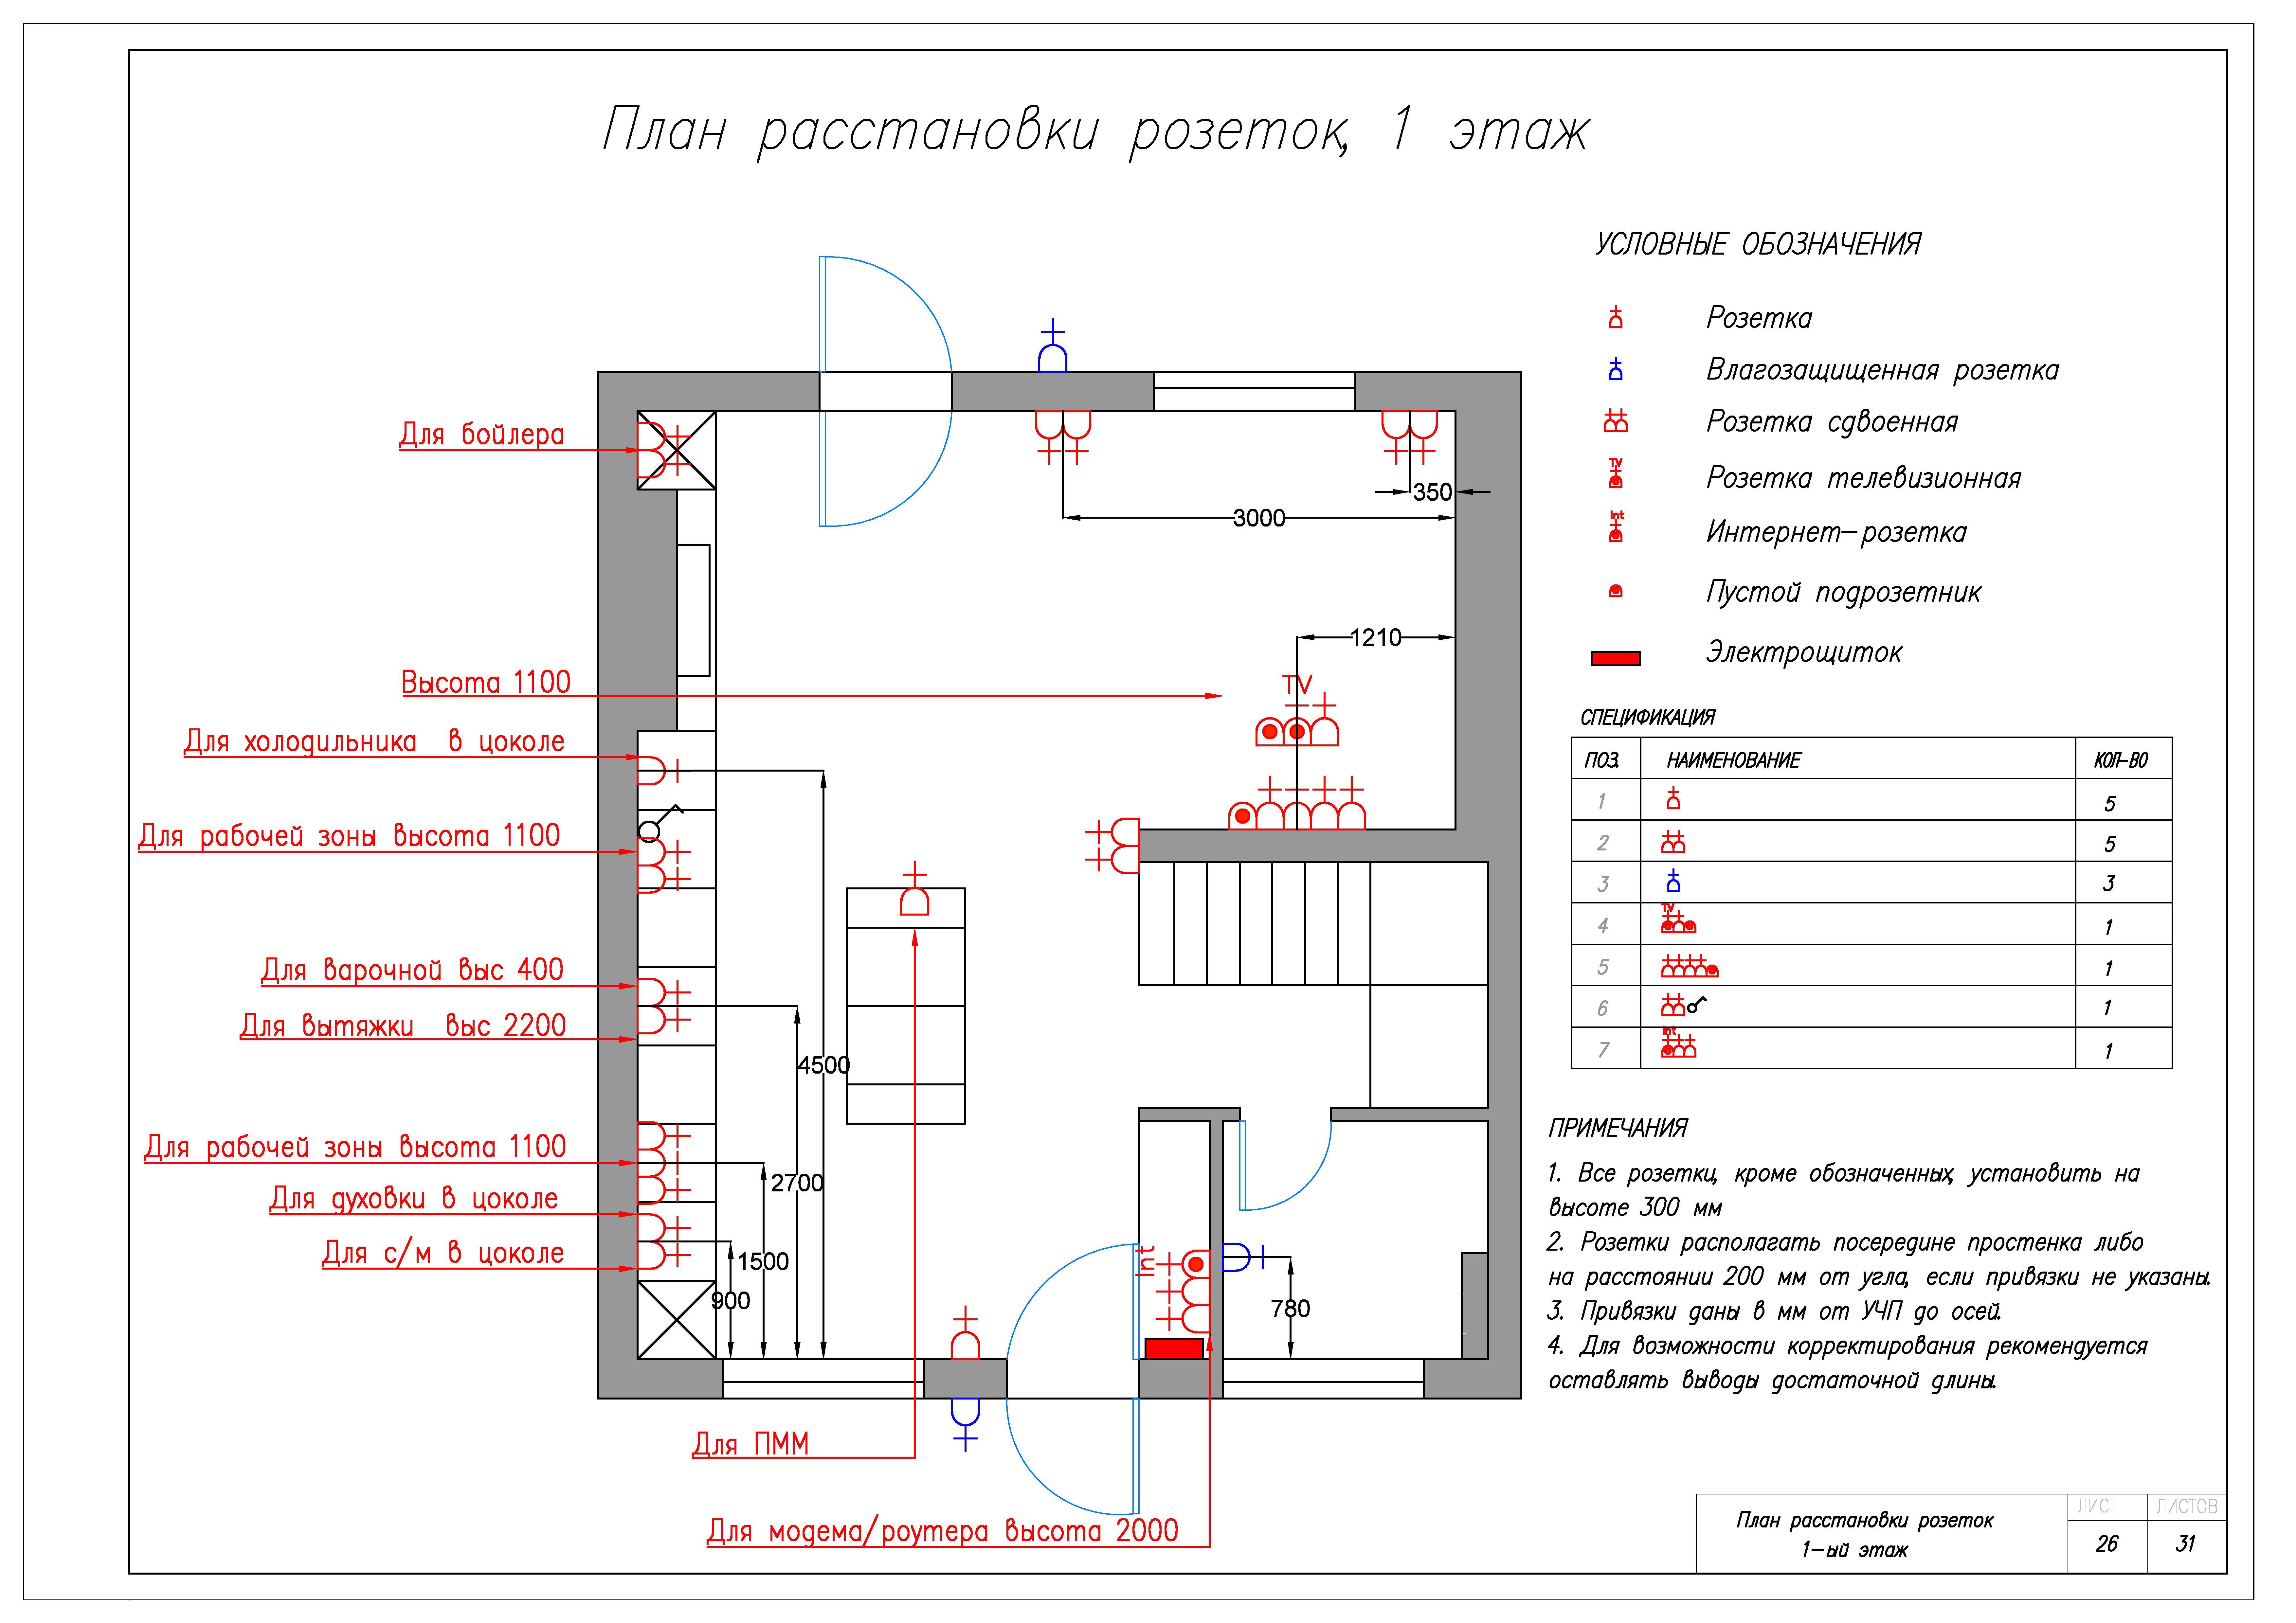 План расстановки розеток, 1 этаж